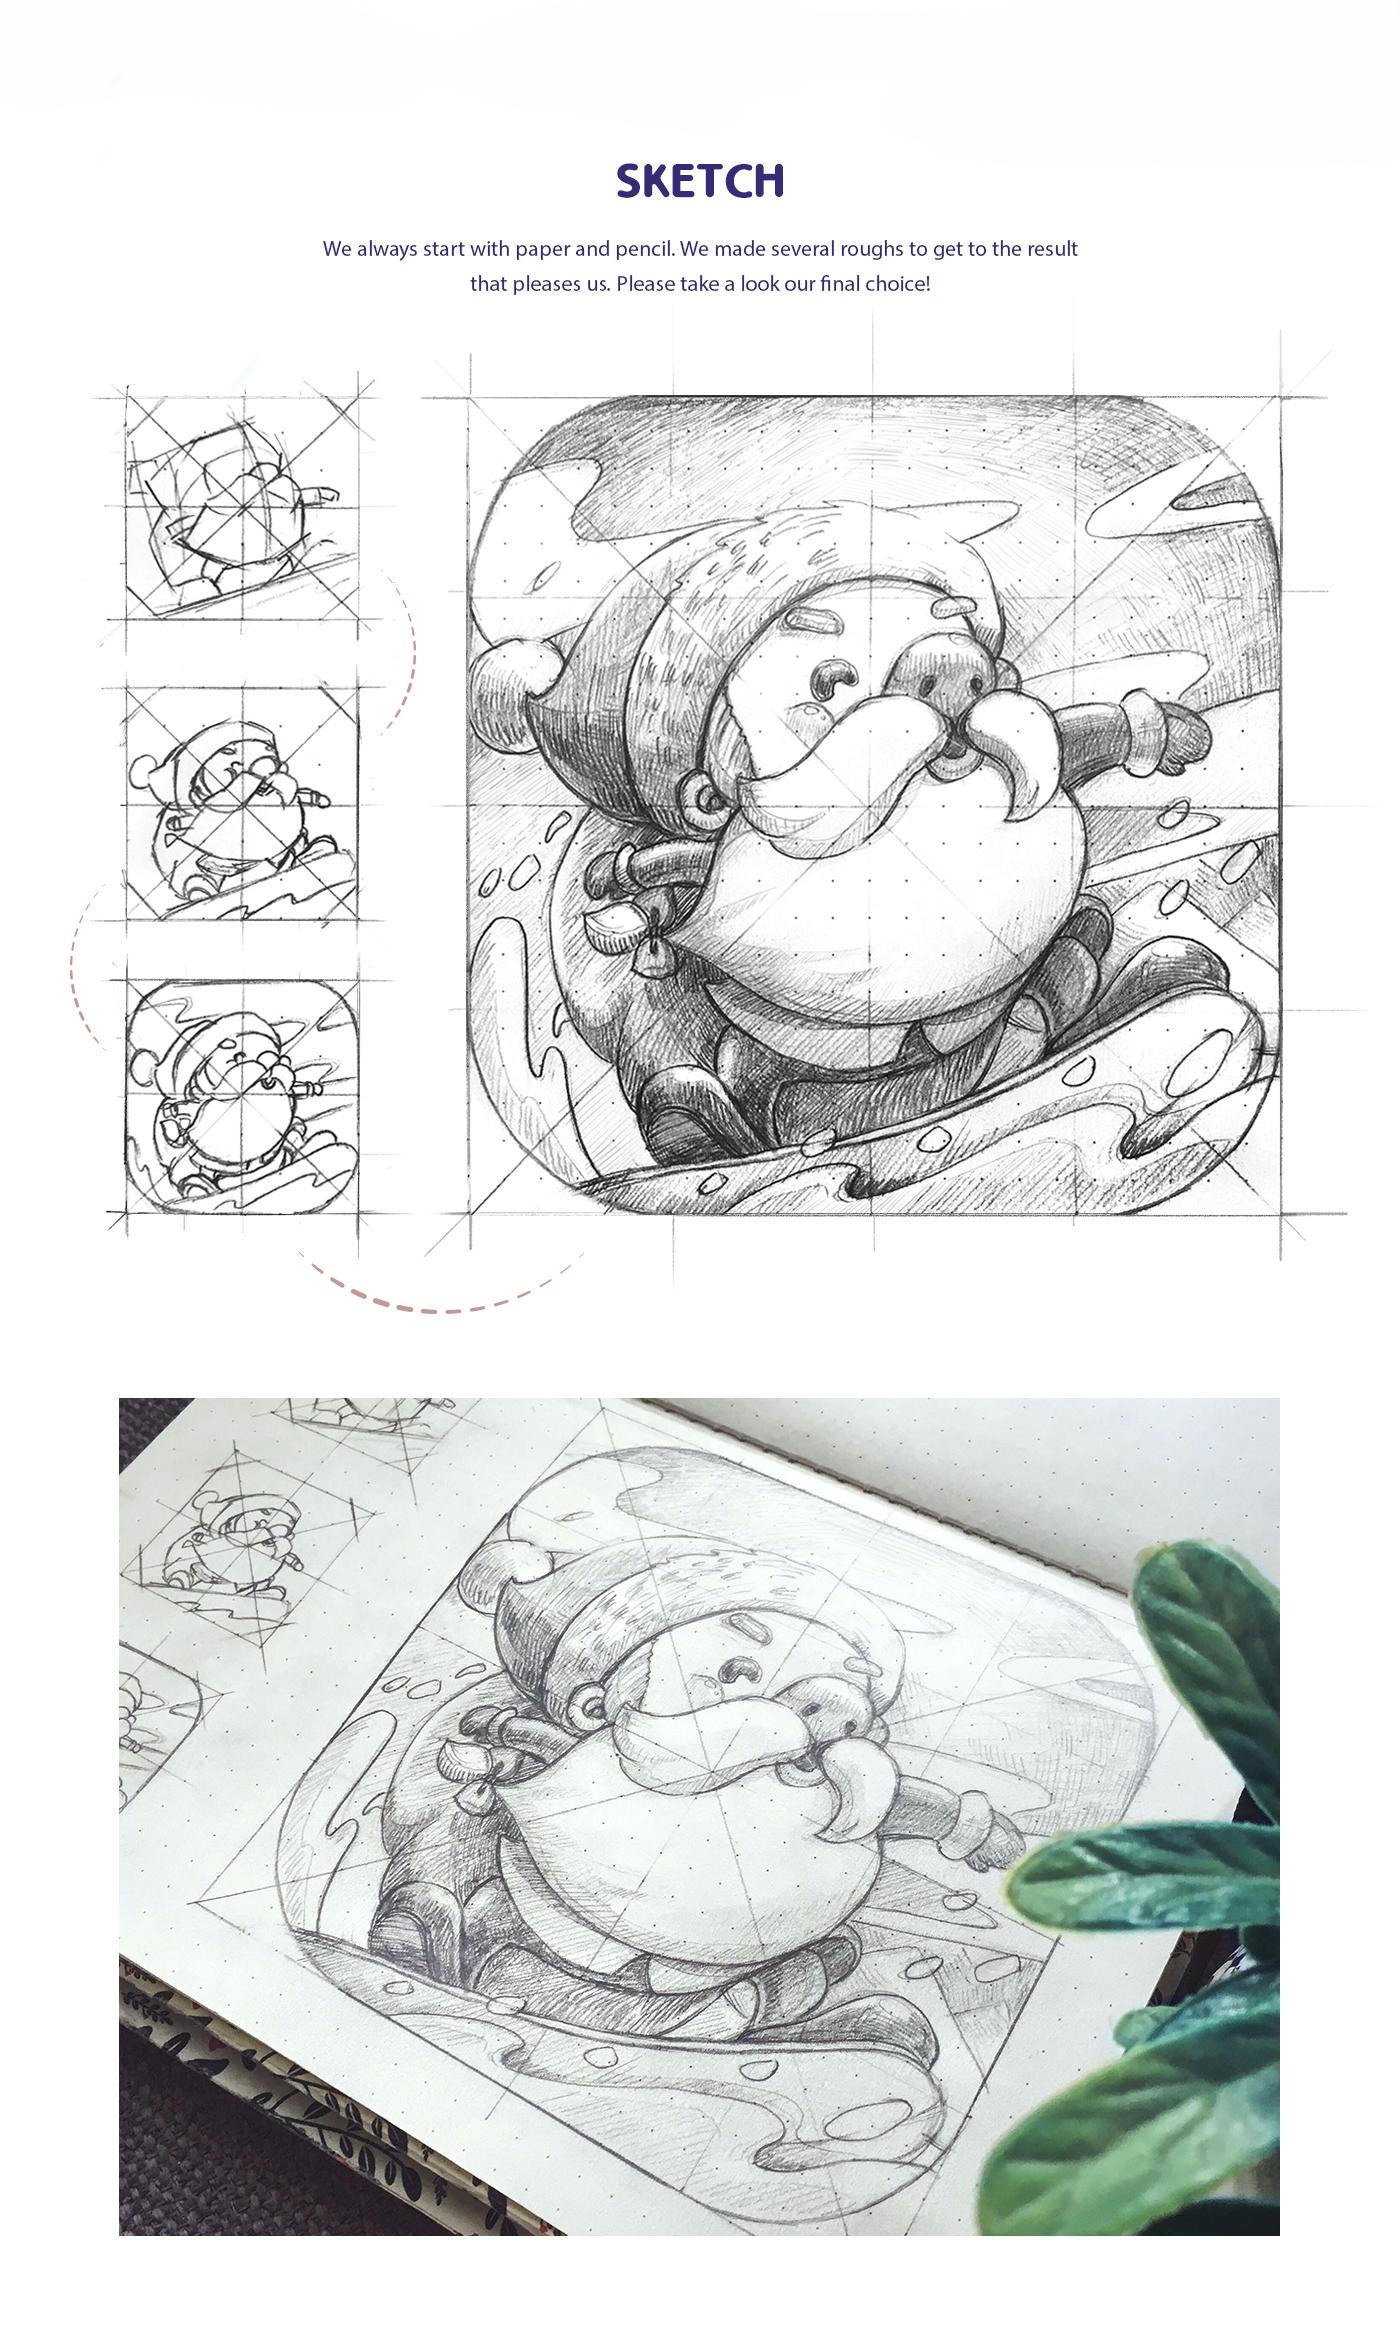 有創意感的19套聖誕節插圖欣賞